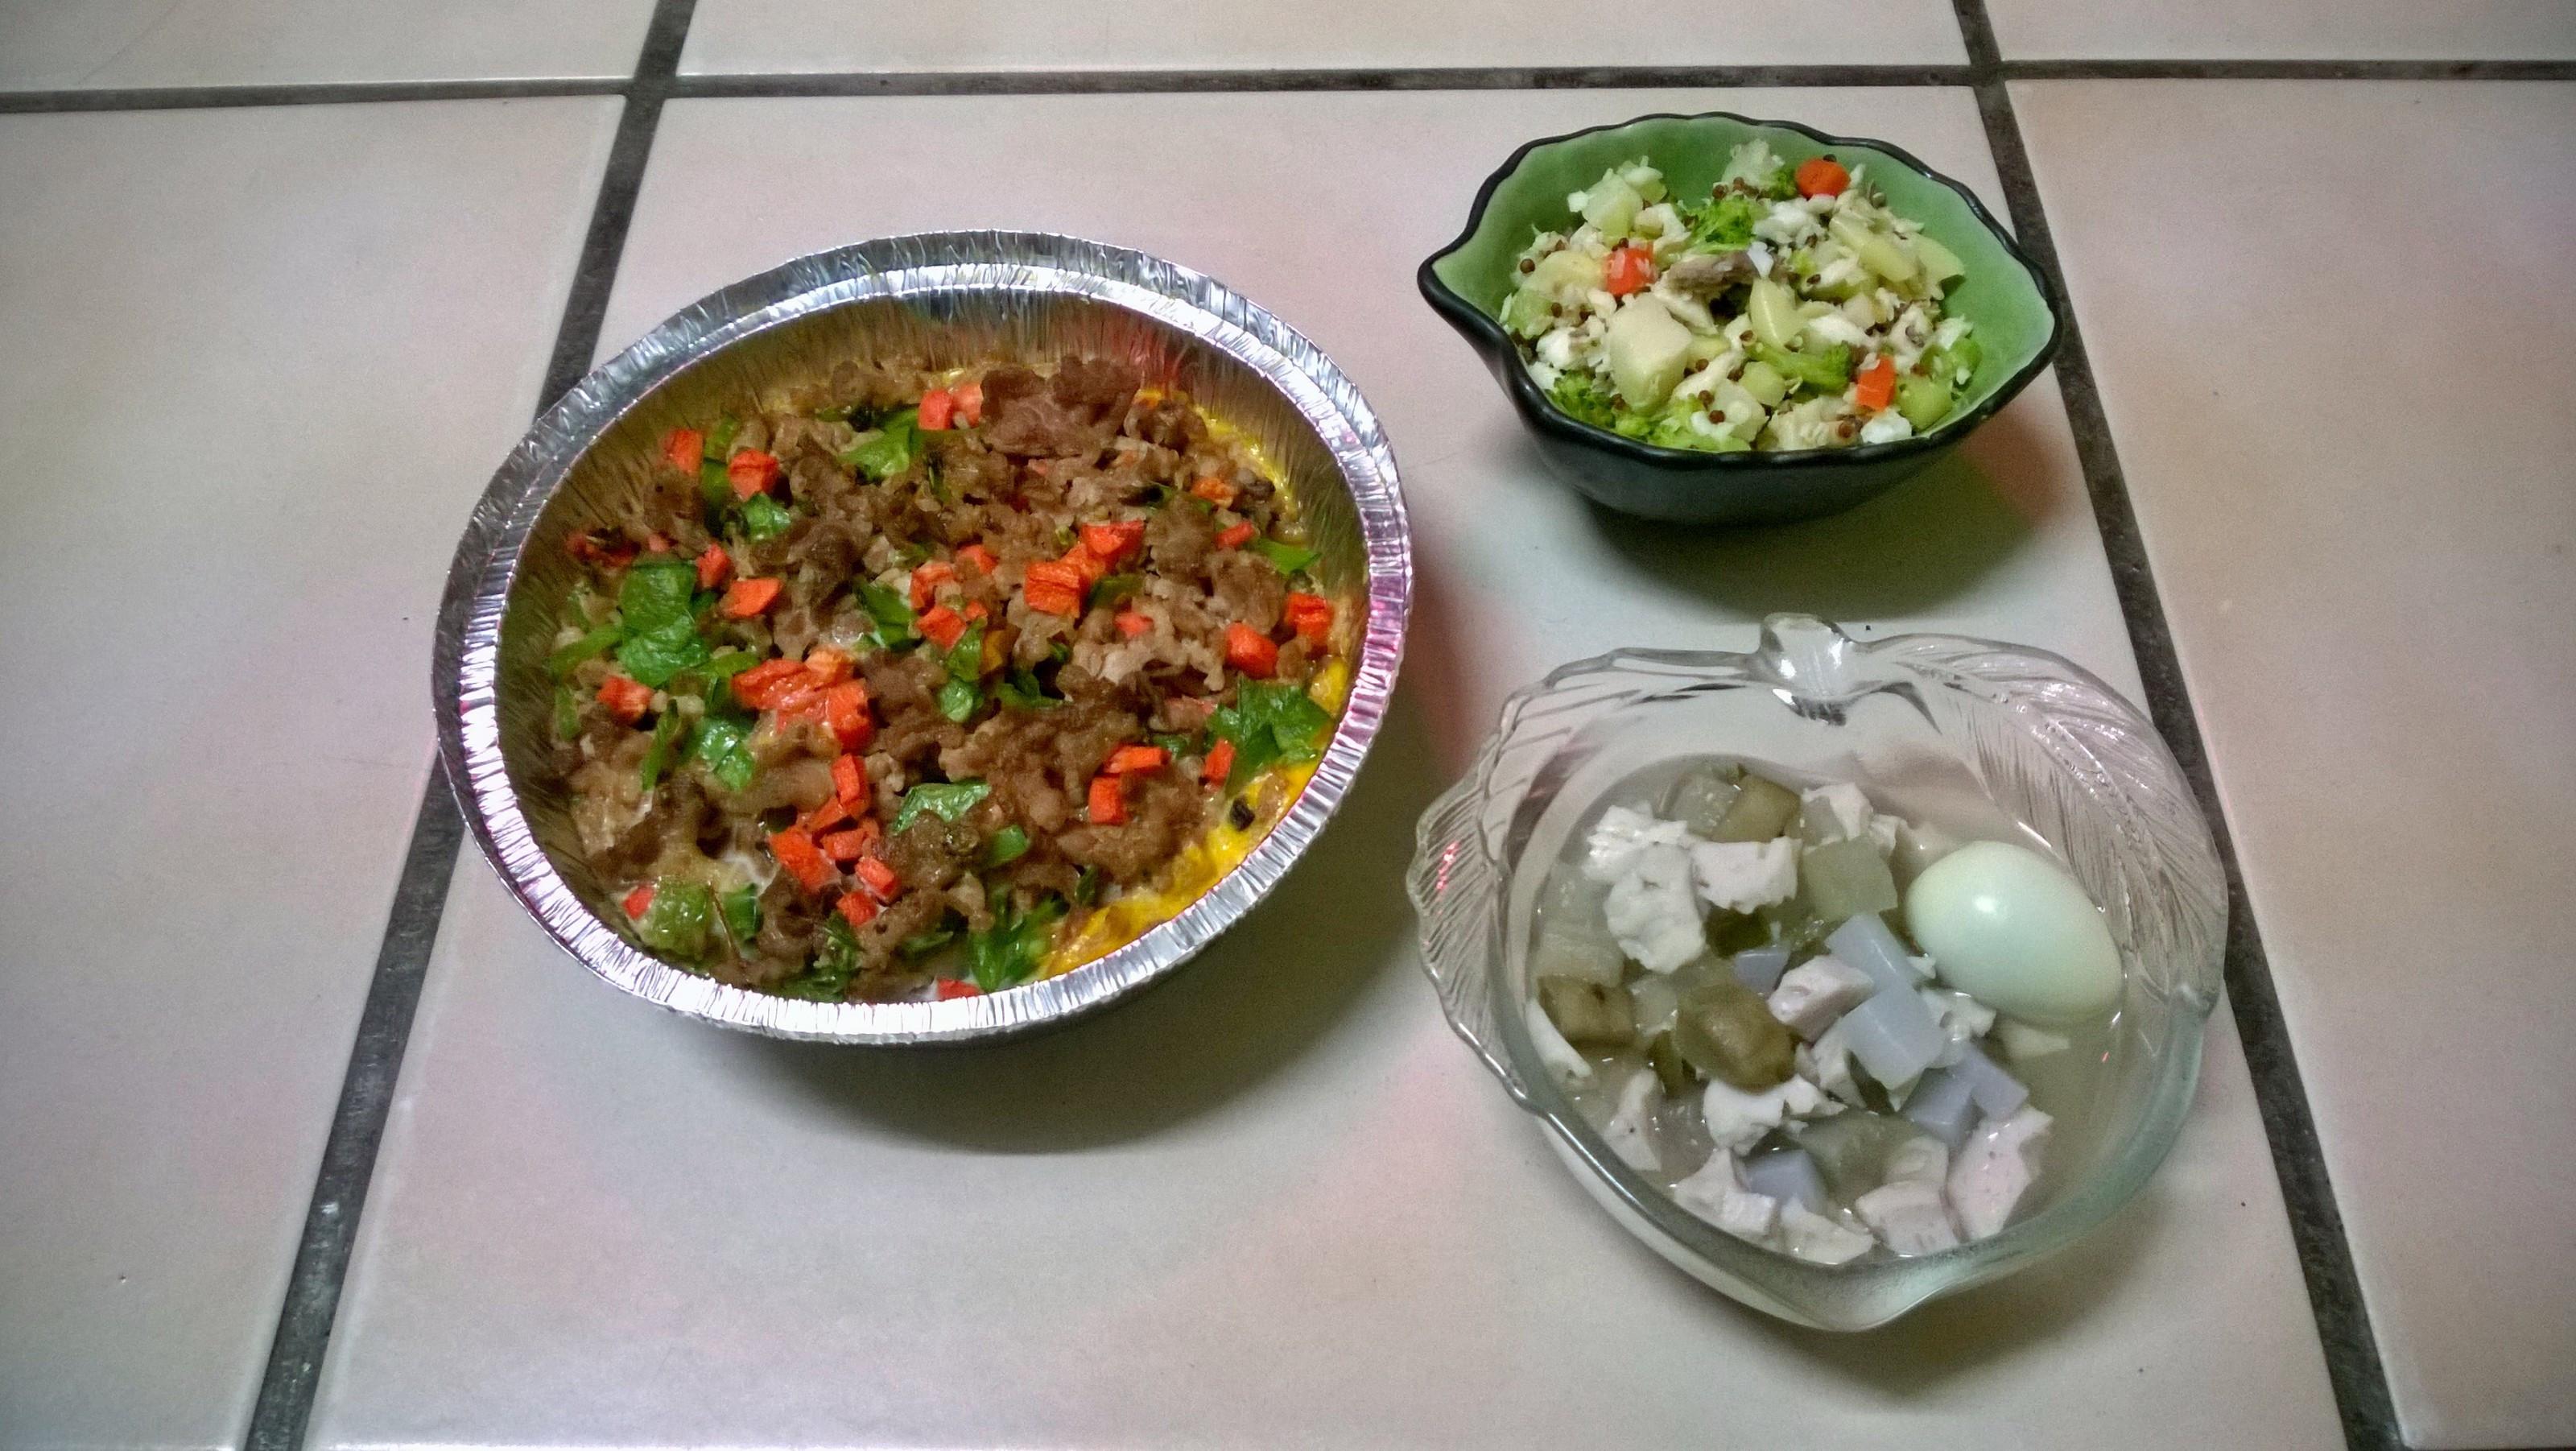 鮮食🐾南瓜肉派 煎魚佐菜 關東煮